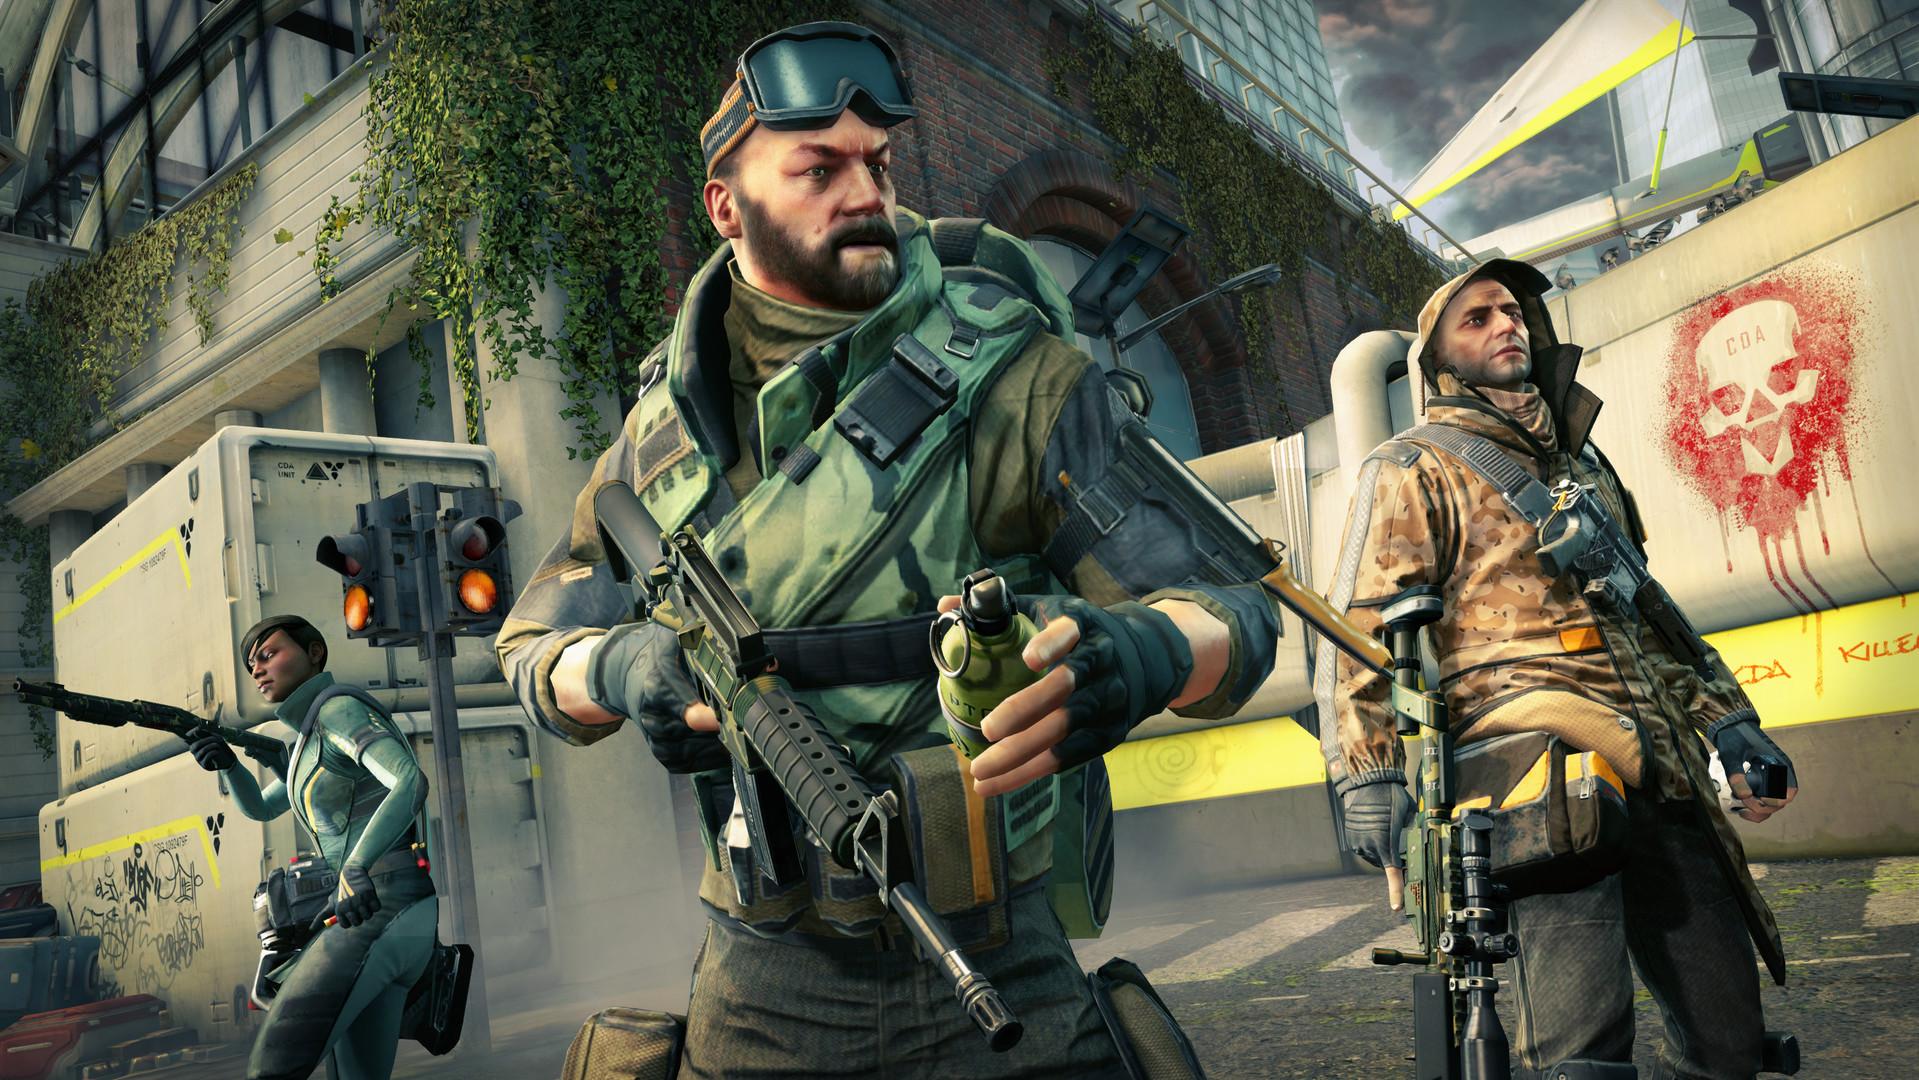 团队竞技FPS射击游戏《脏弹》STEAM平台免费